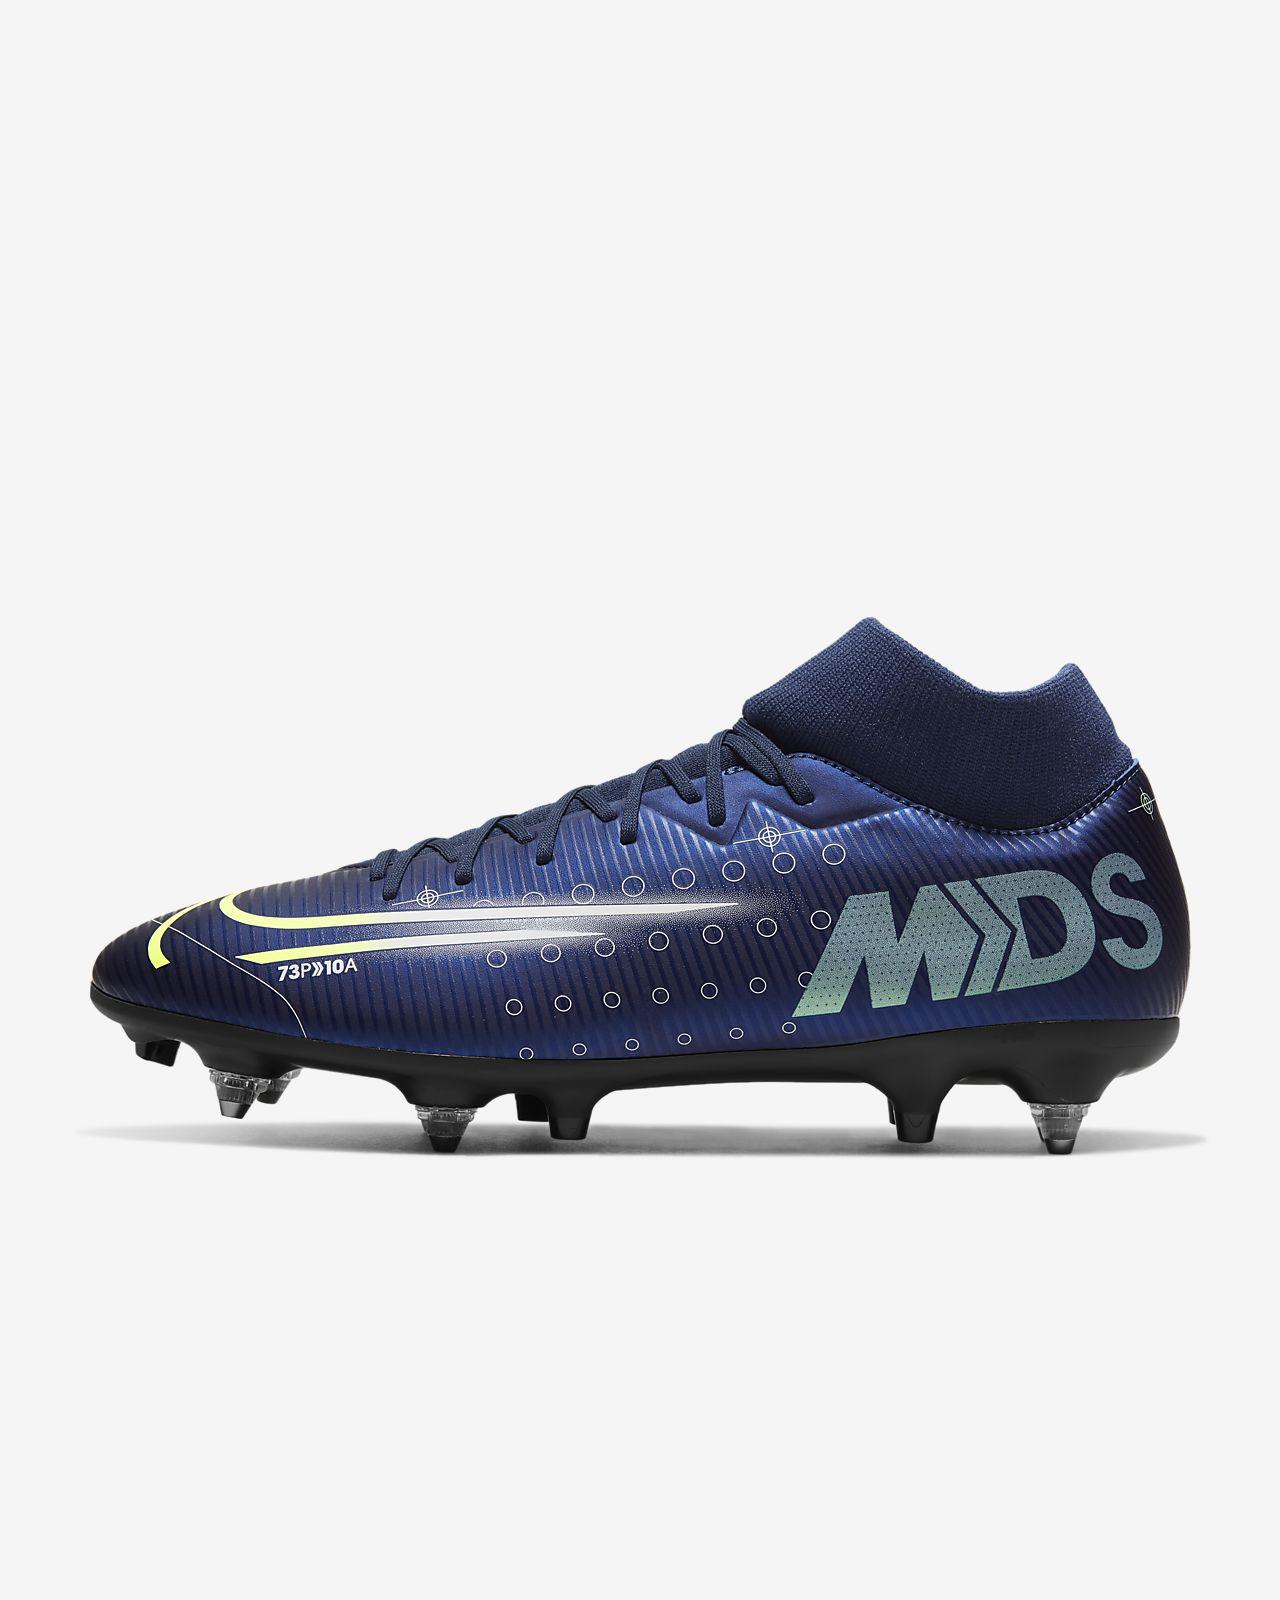 Calzado de fútbol para terreno blando Nike Mercurial Superfly 7 Academy MDS SG-PRO Anti-Clog Traction